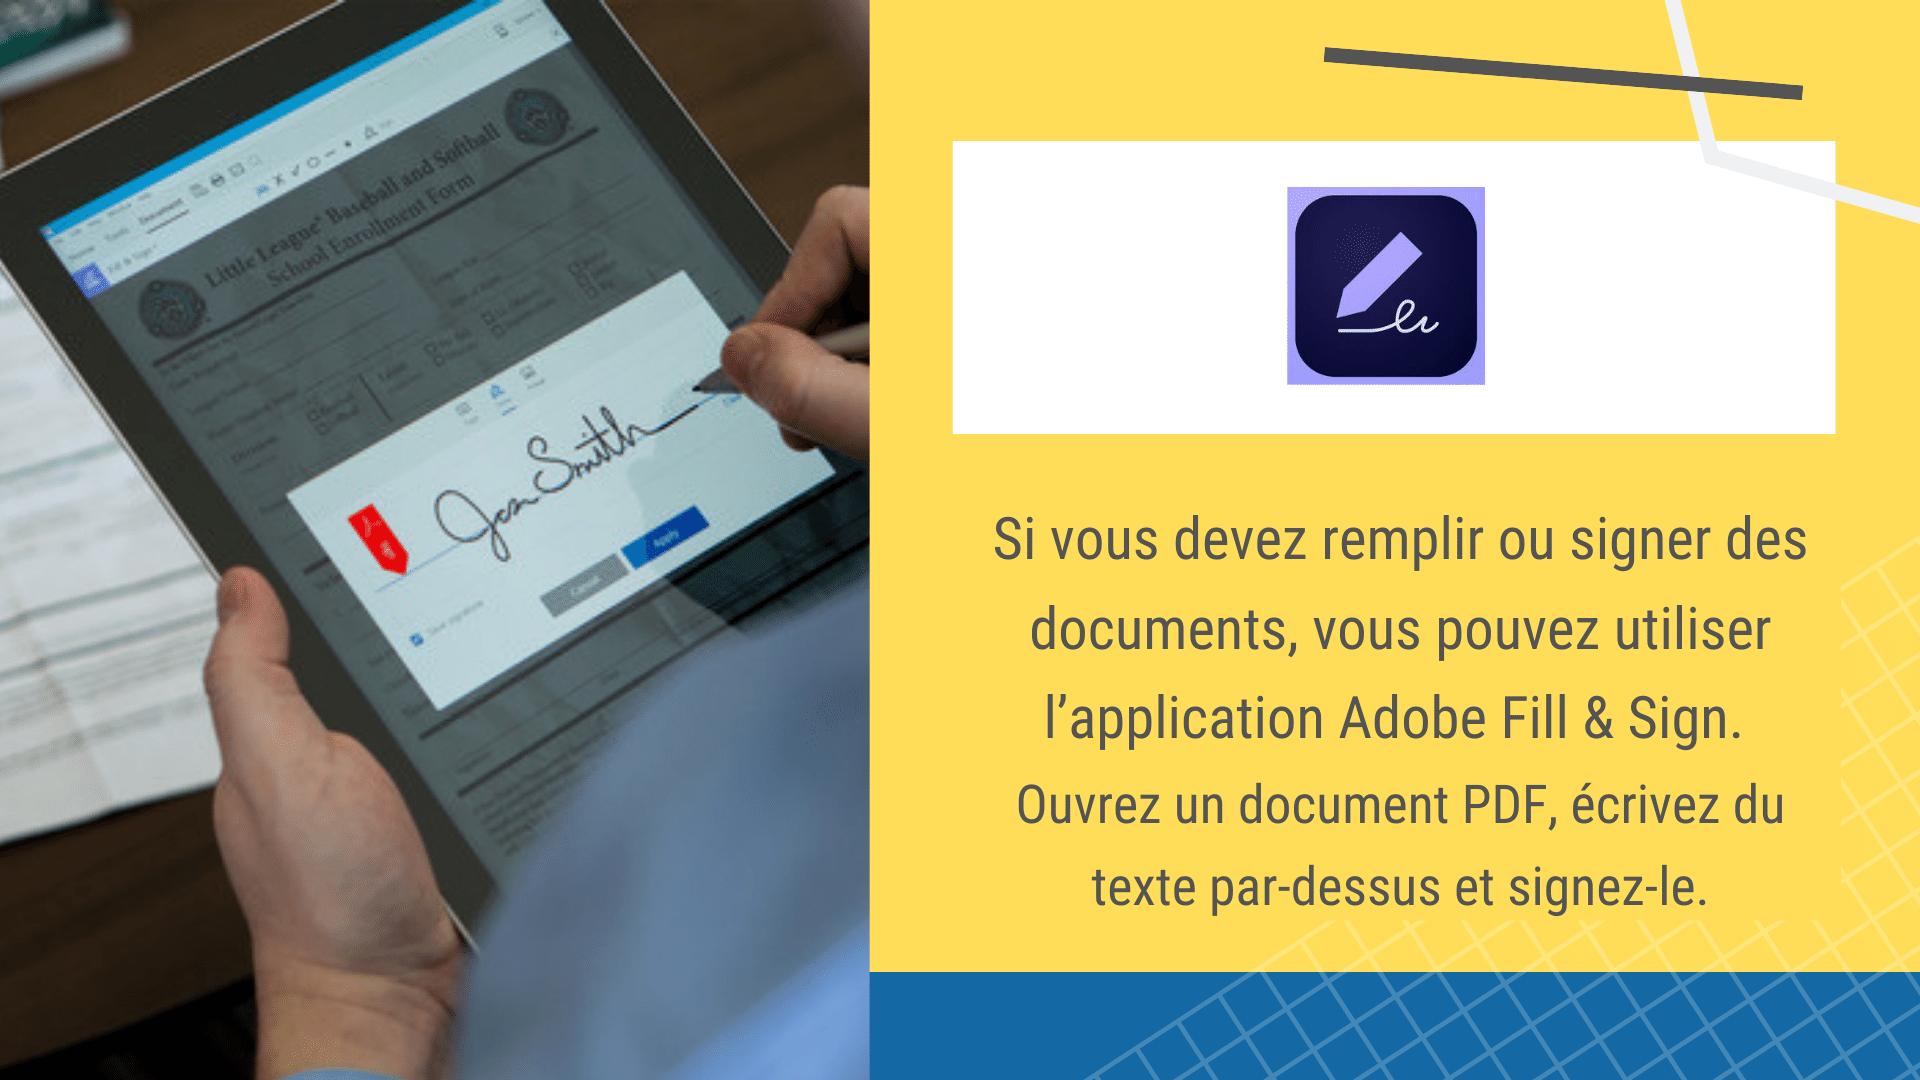 17 Applications de Construction Gratuites - Outils sur votre smartphone | Adobe Fill and Sign via ArchiSnapper